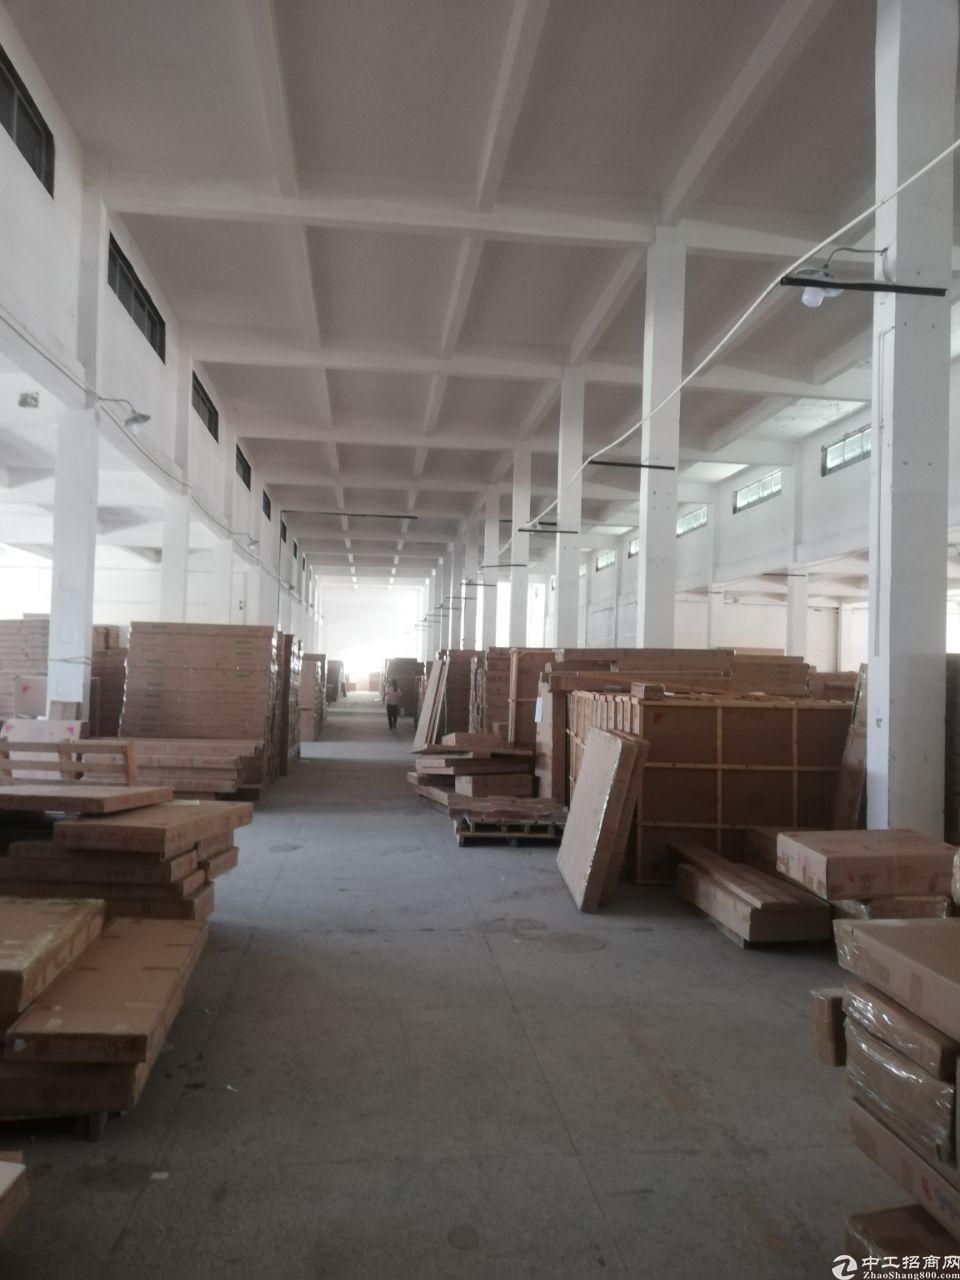 桥头镇新标准厂房二楼仓库非常合适有卸货平台